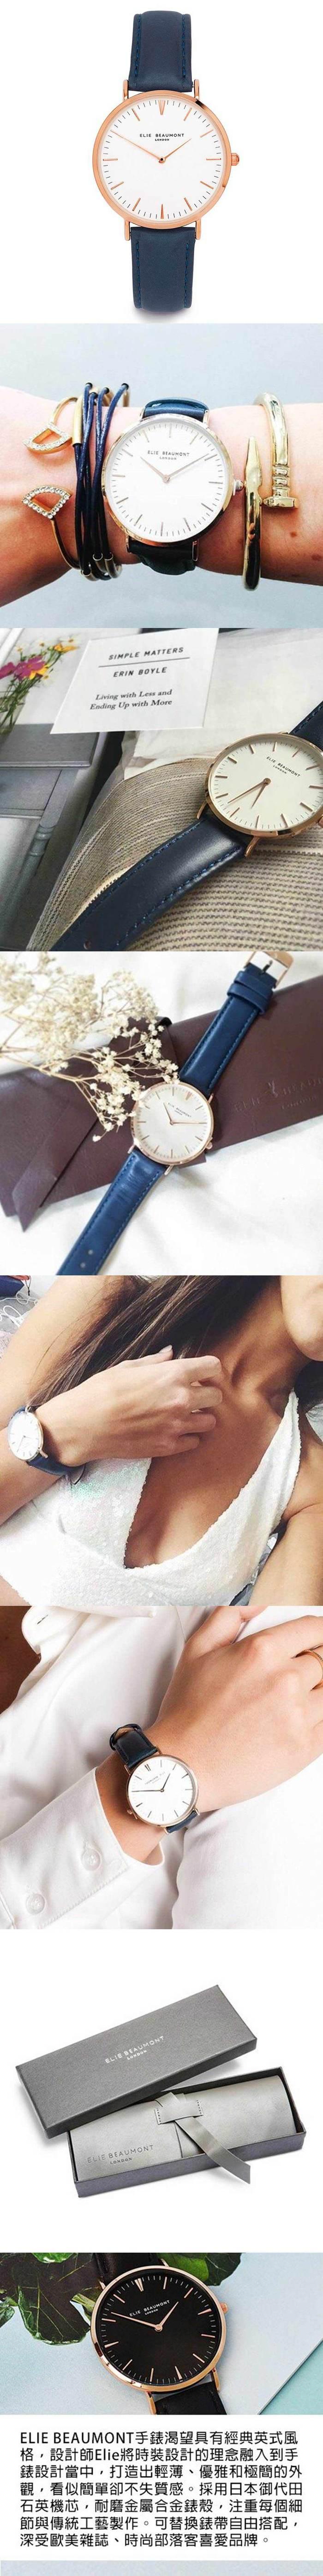 (複製)Elie Beaumont 英國時尚手錶 牛津系列 白錶盤x粉紅色皮革錶帶x玫瑰金錶框38mm